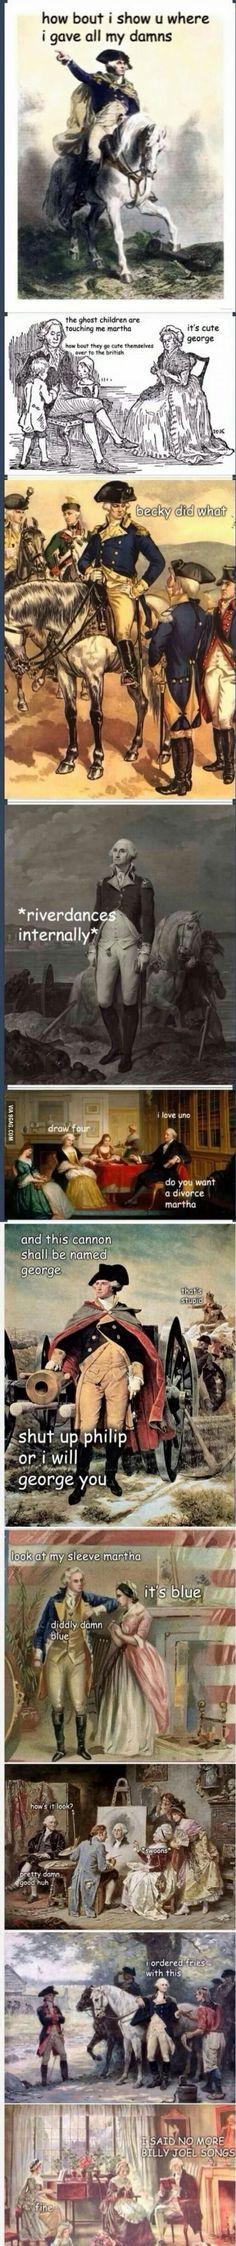 Sassy George Washington